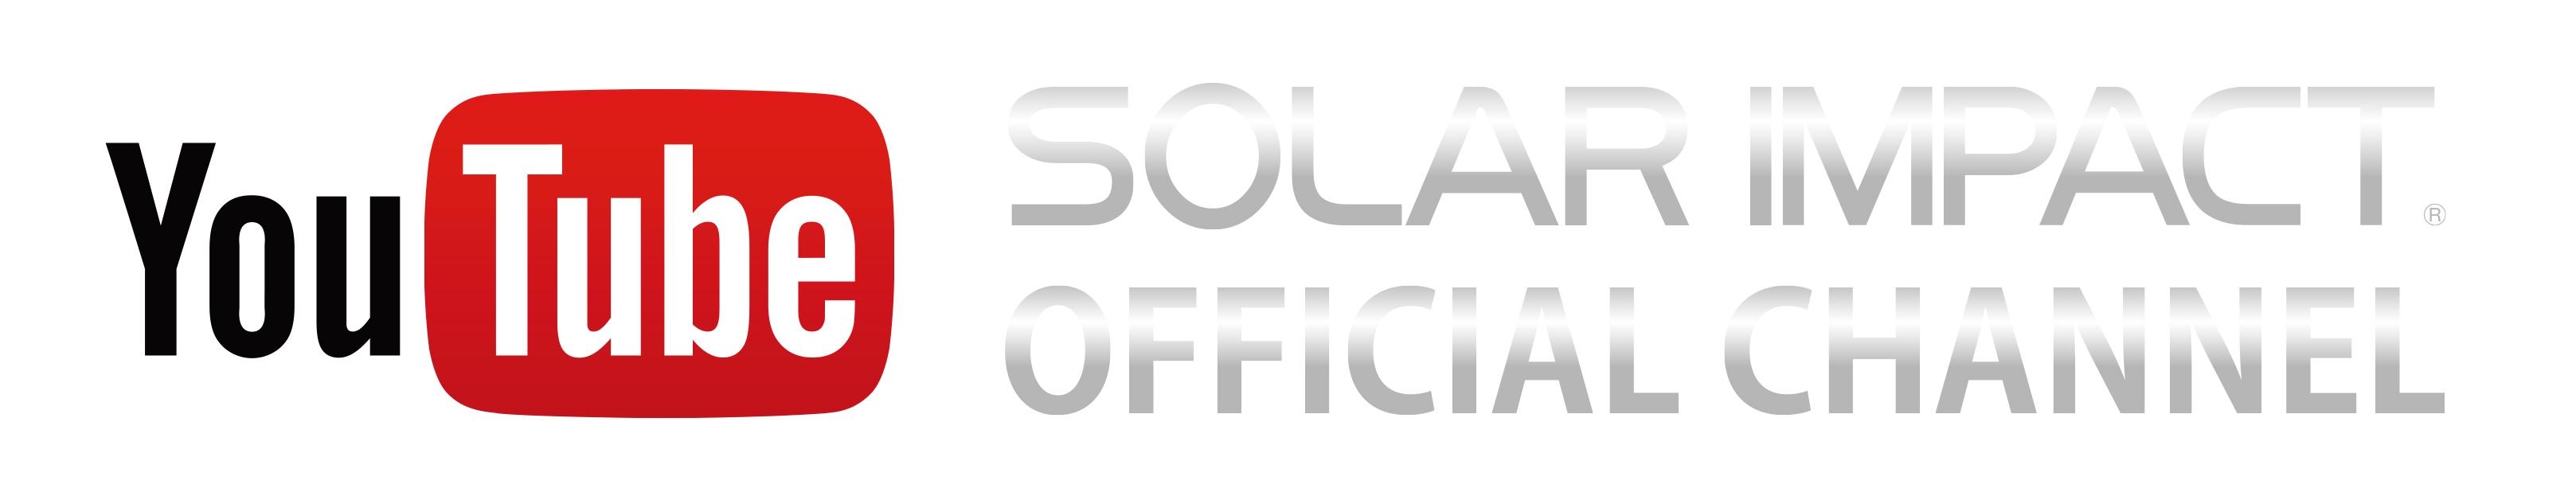 ソーラーインパクト公式YouTube